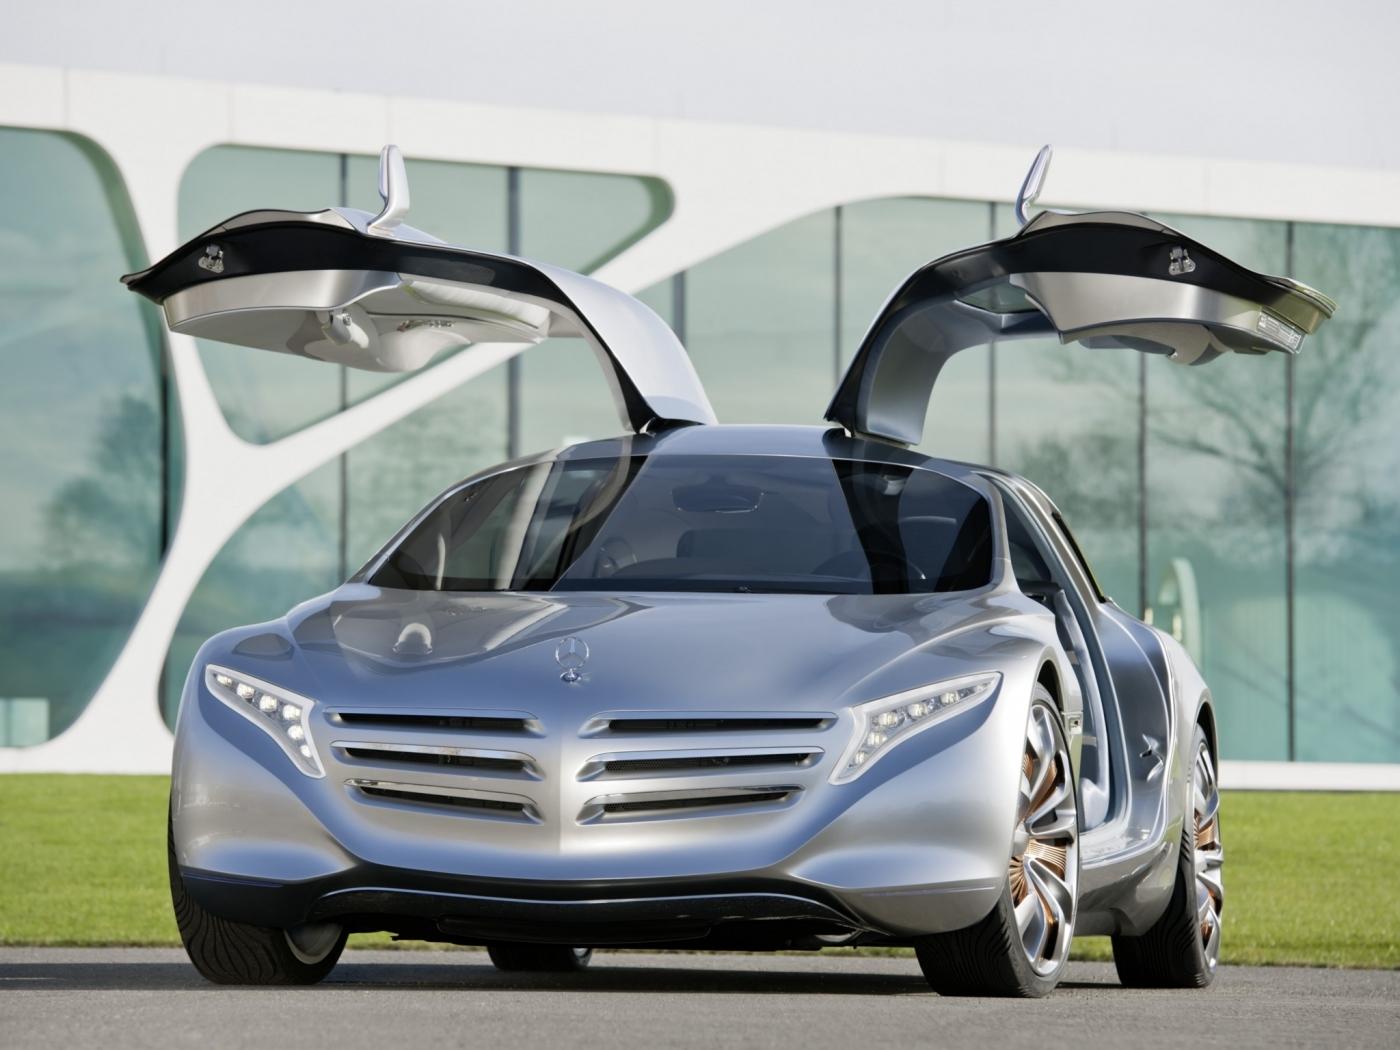 24939 скачать обои Транспорт, Машины, Мерседес (Mercedes) - заставки и картинки бесплатно